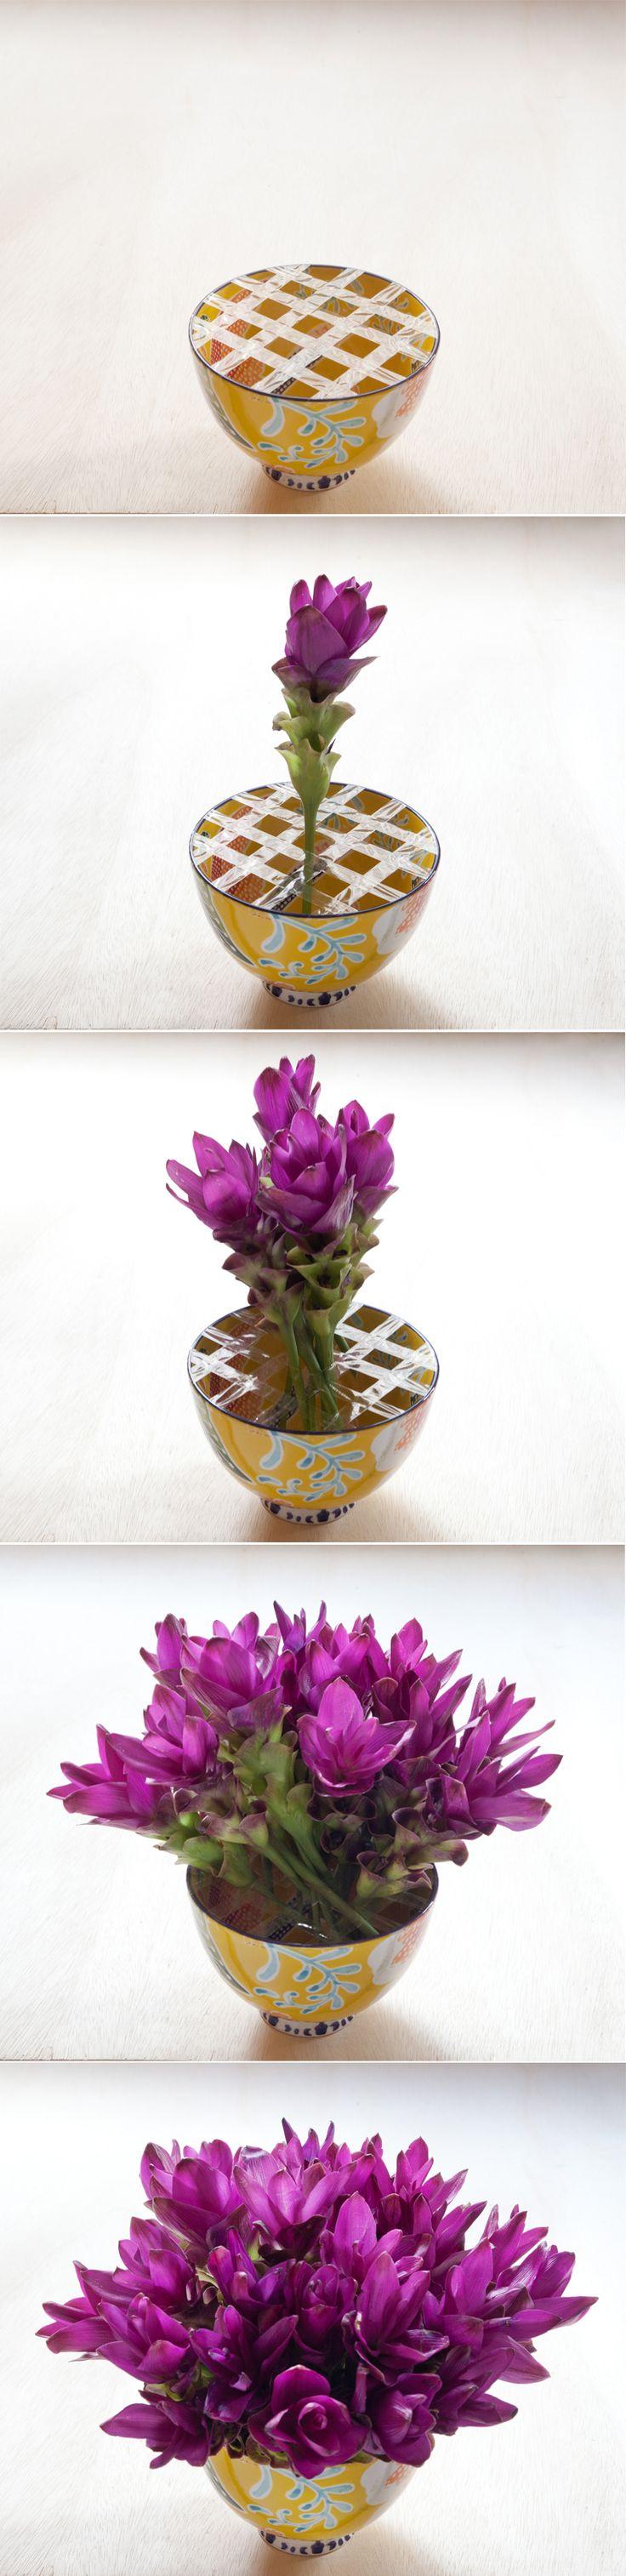 Pitadas das boas para quem gosta de deixar a casa mais florida.